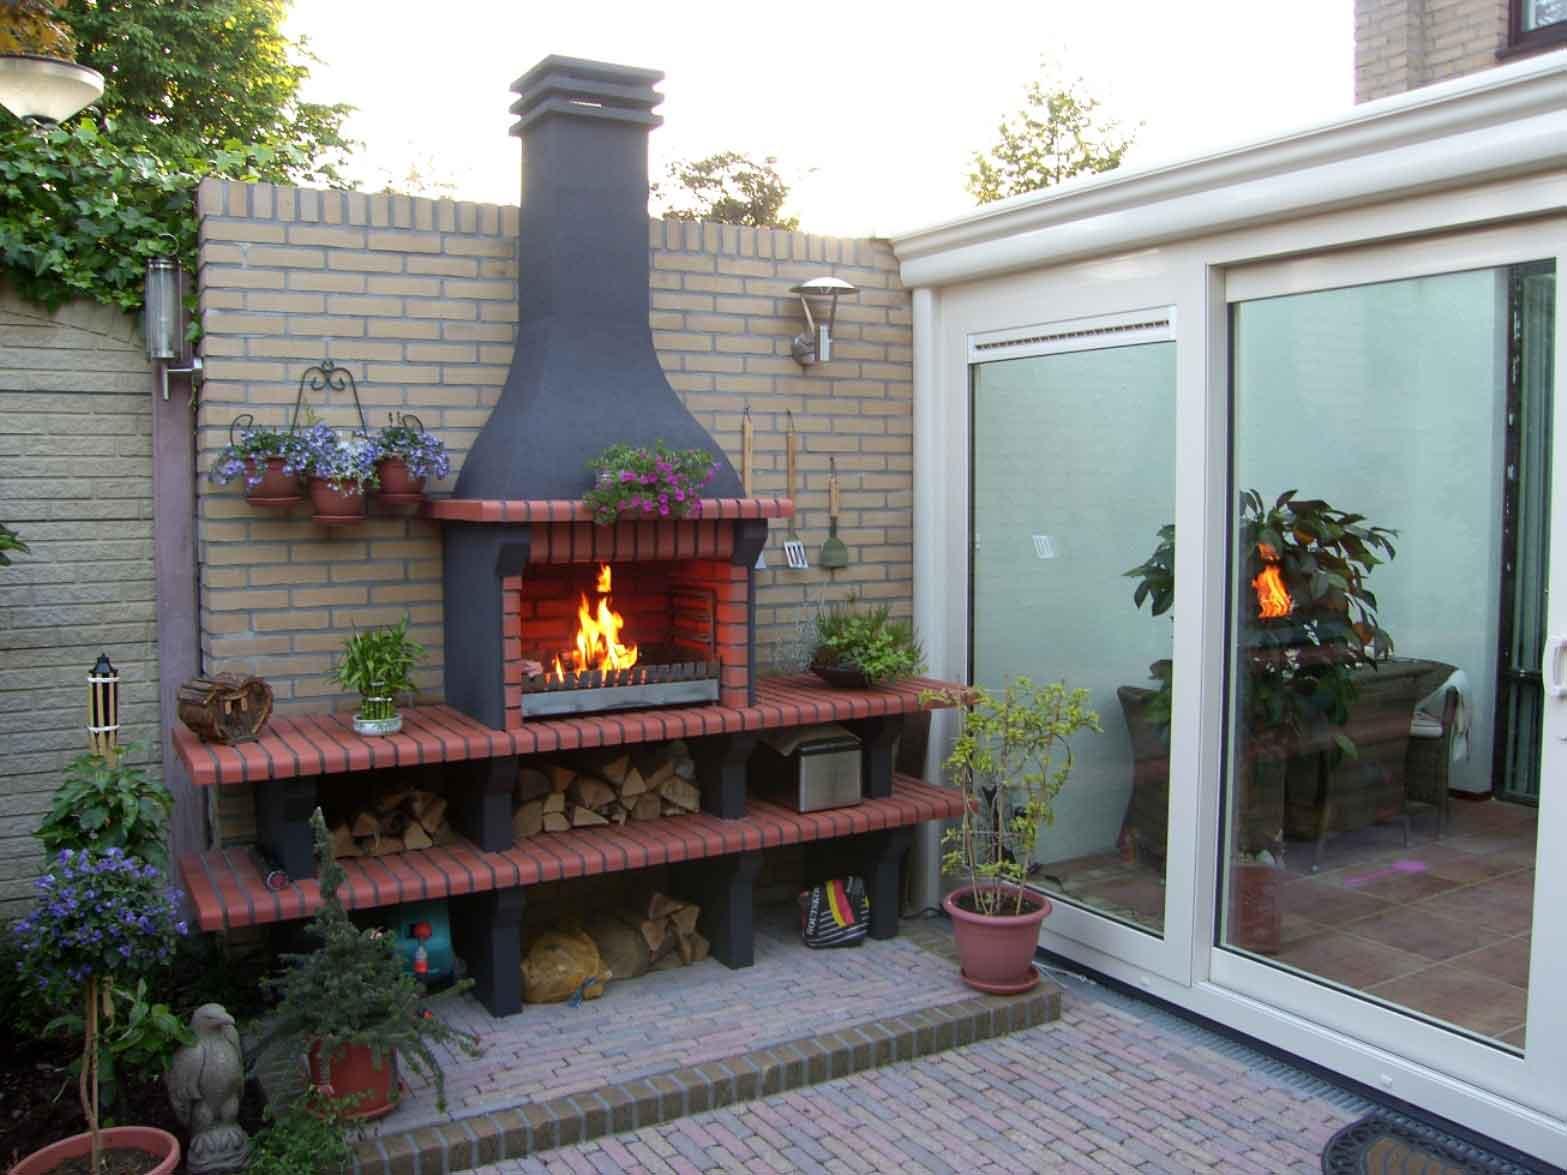 Evora 02/4 steen kleur Rood,grillset G5 opbouw, beton door klant antraciet geschilderd.